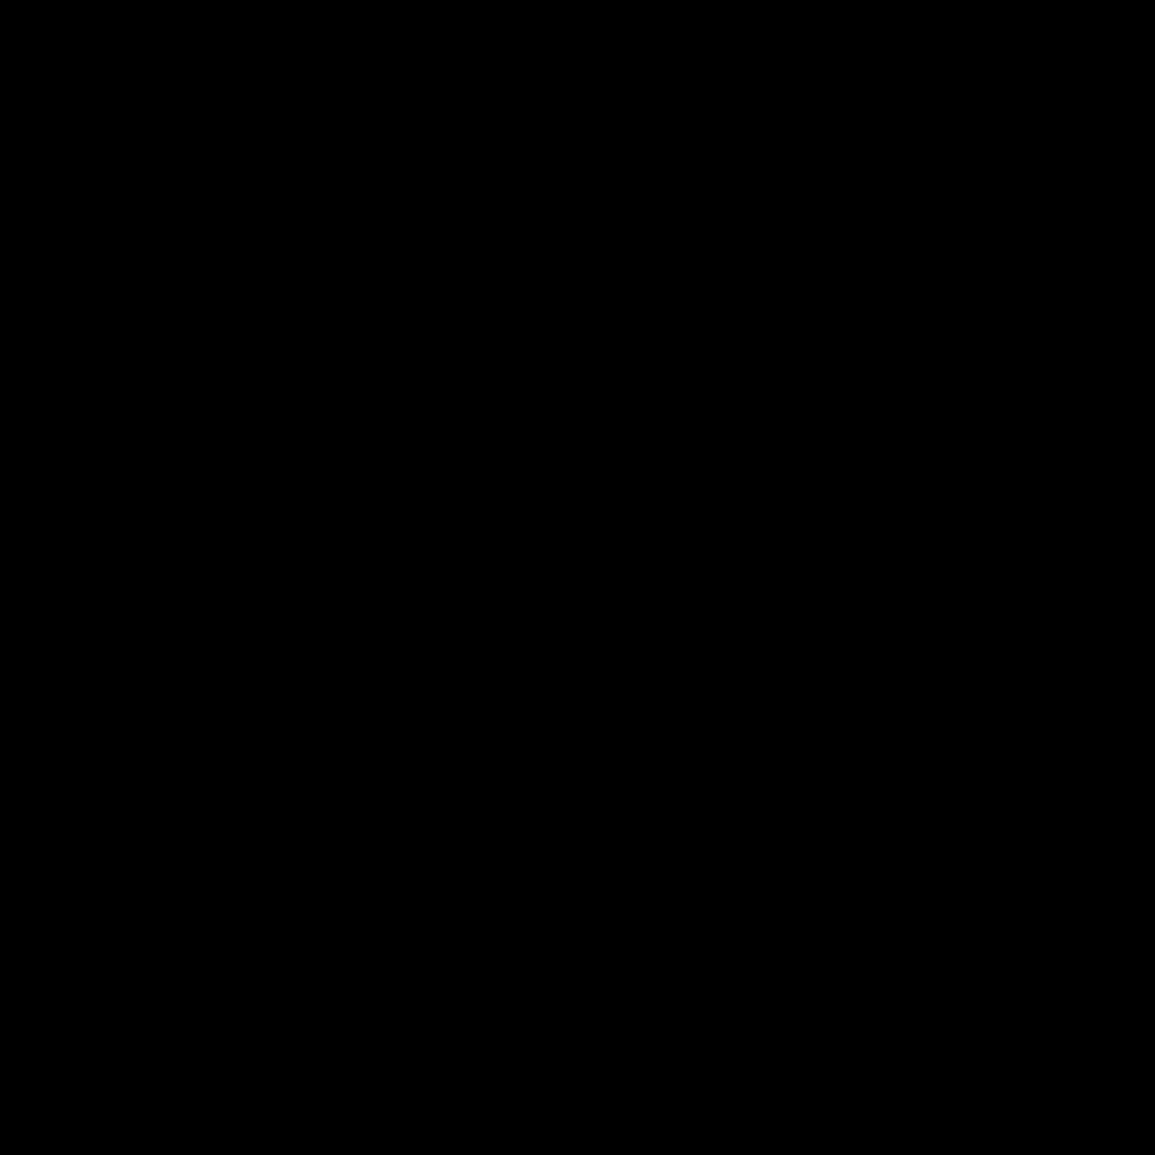 艶 M 大かな MTU-KL 字形見本